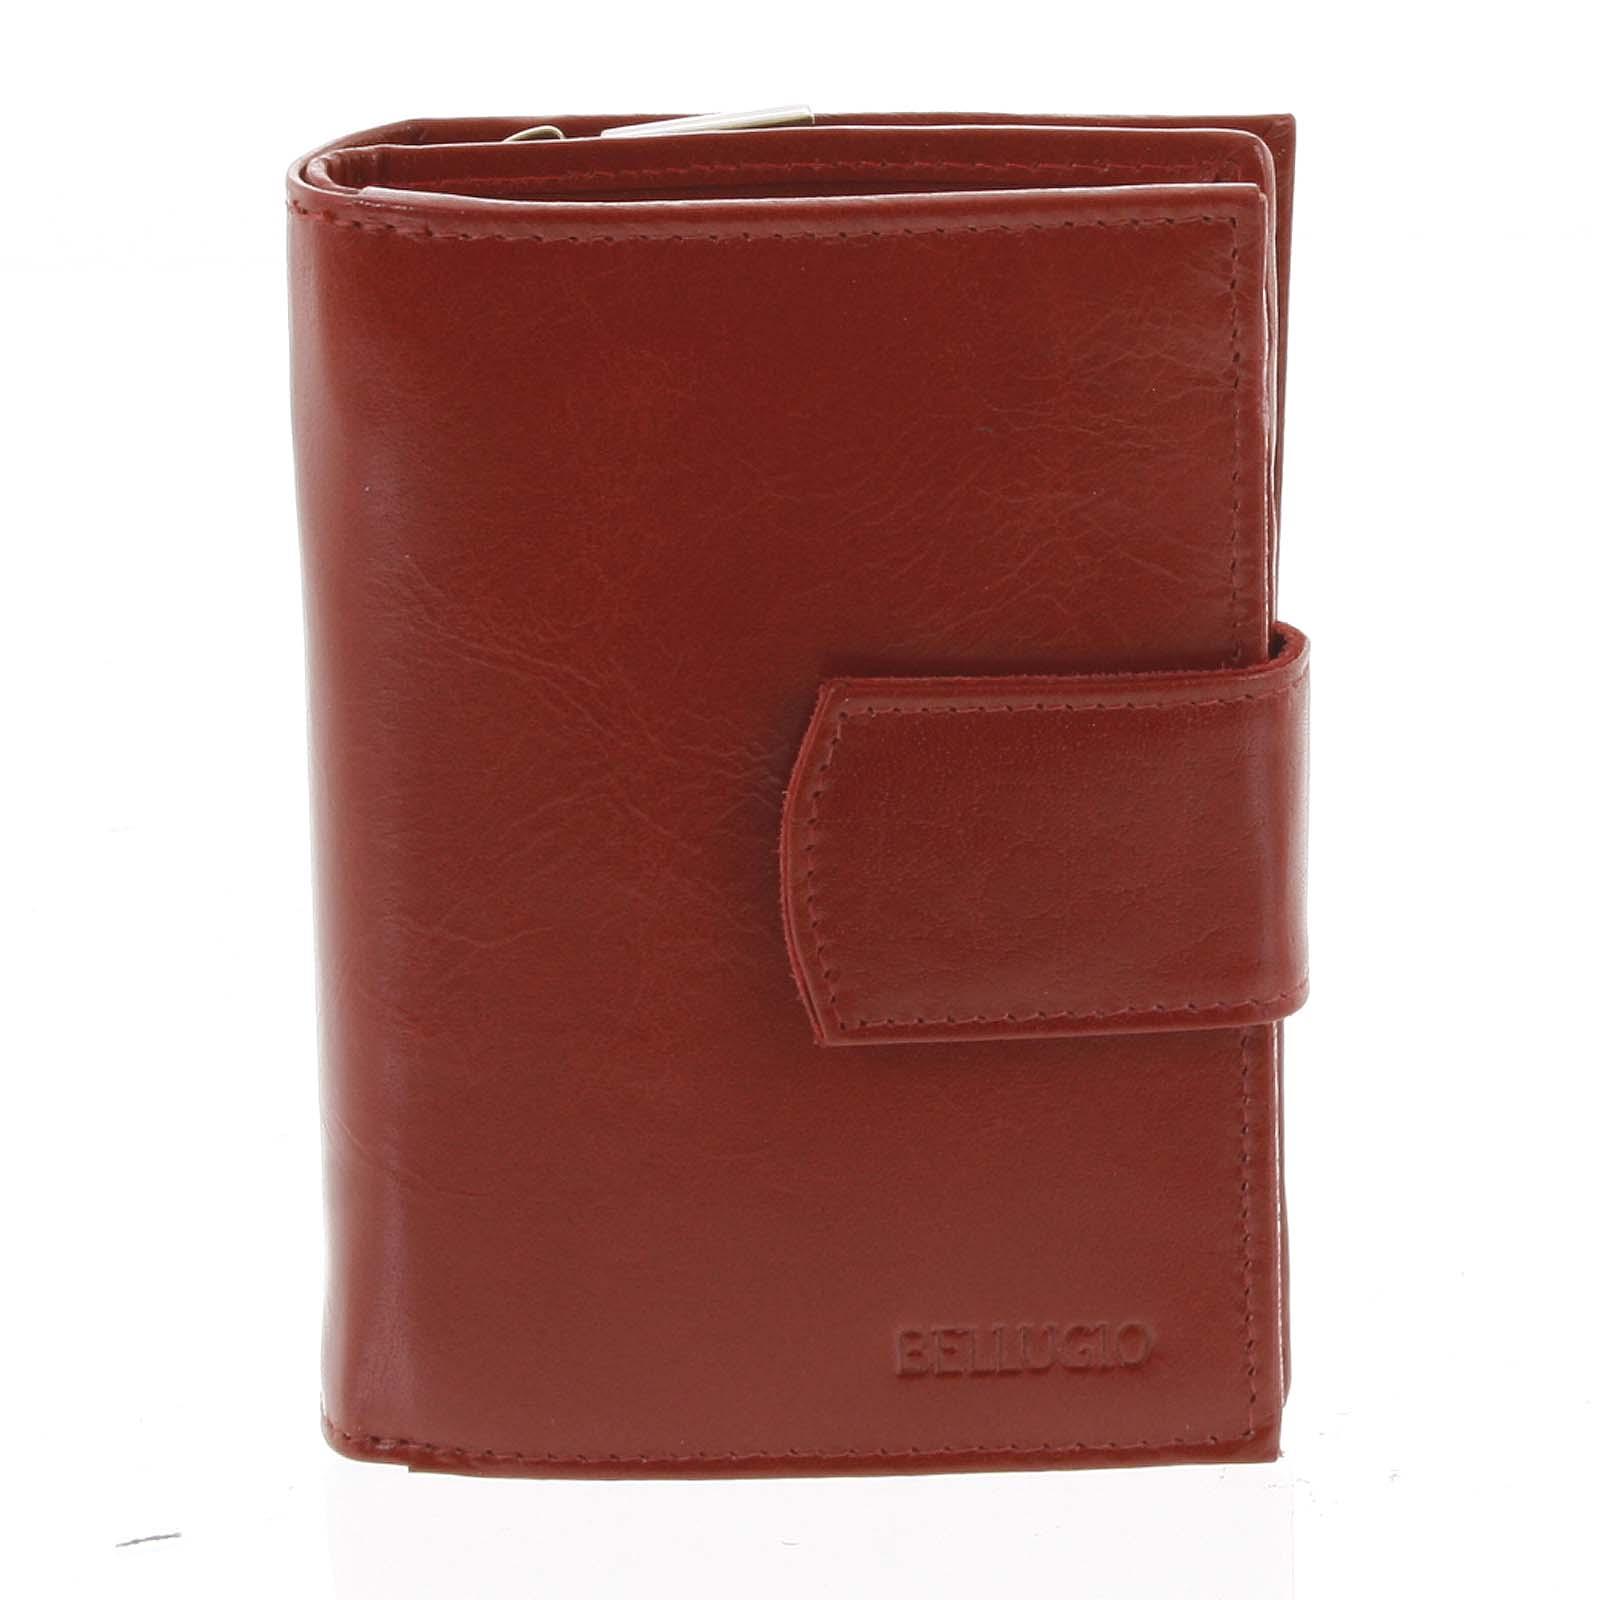 Dámska kožená peňaženka červená - Bellugio Agara červená